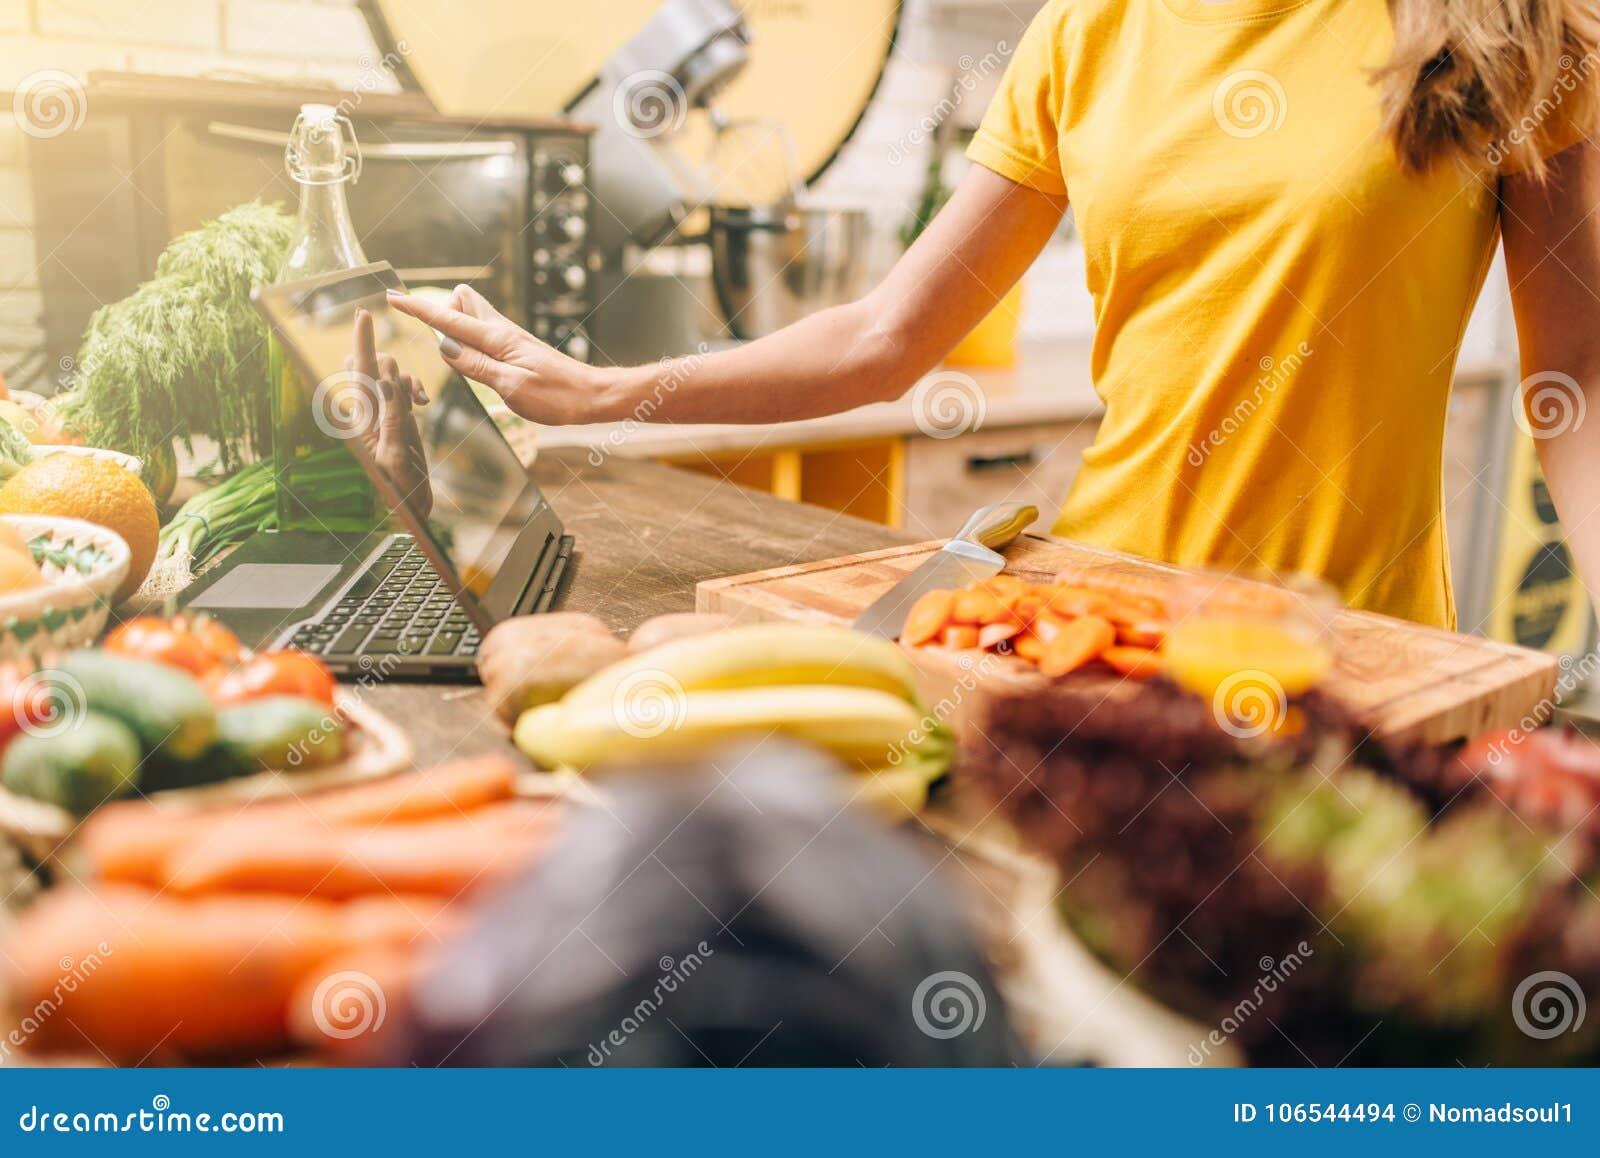 Het vrouwelijke persoon koken op de keuken, gezond voedsel